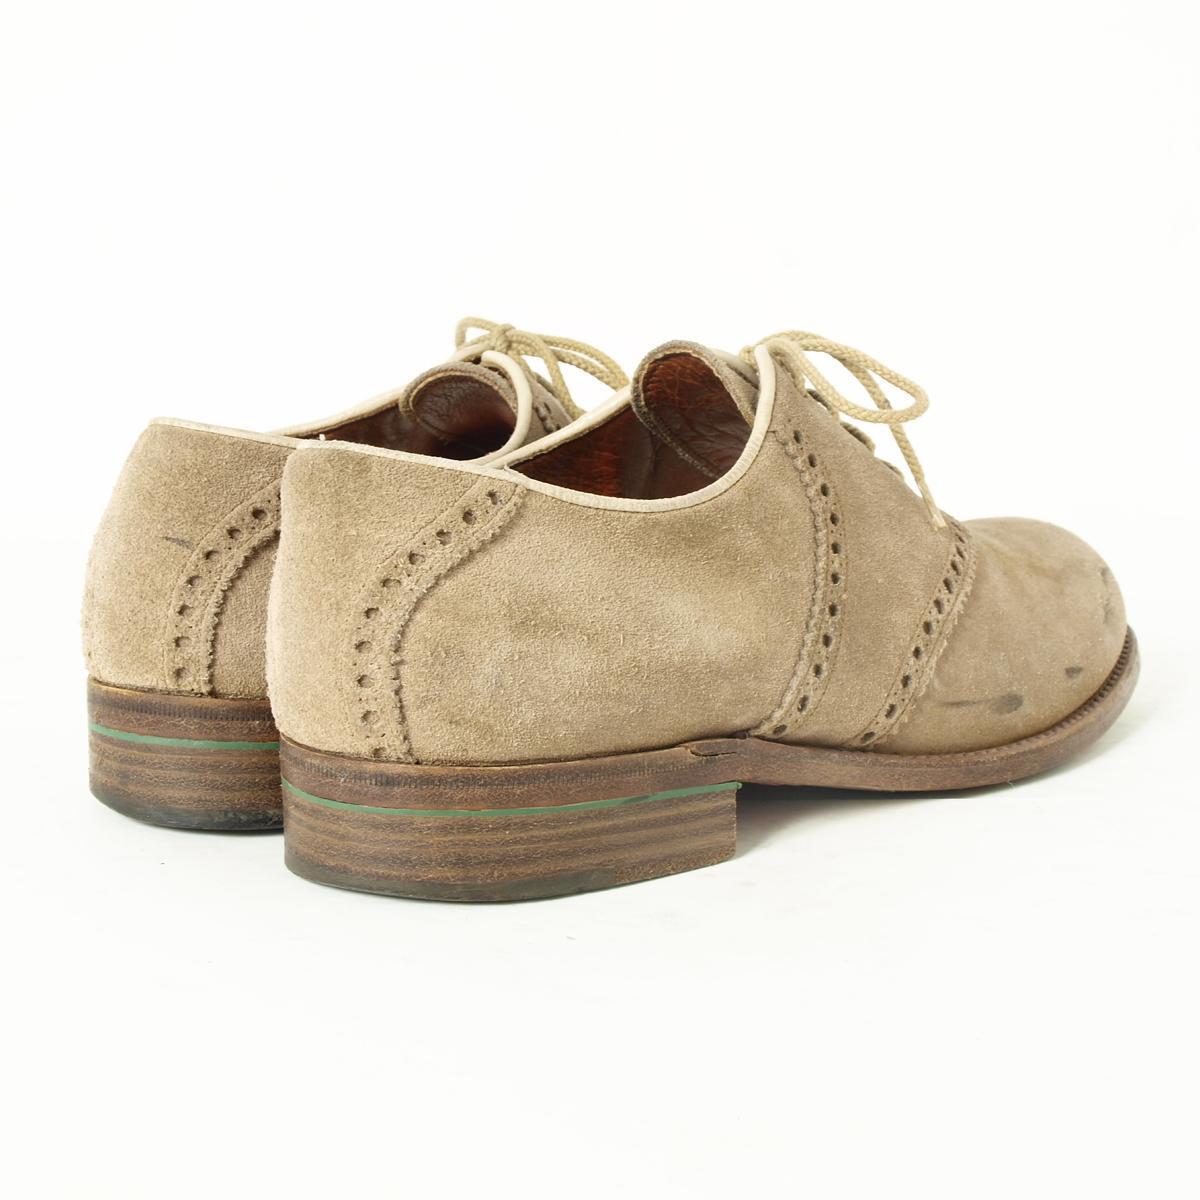 乔治 · 何克马鞍鞋 42 男子 26.5 厘米 /boi2546 160312